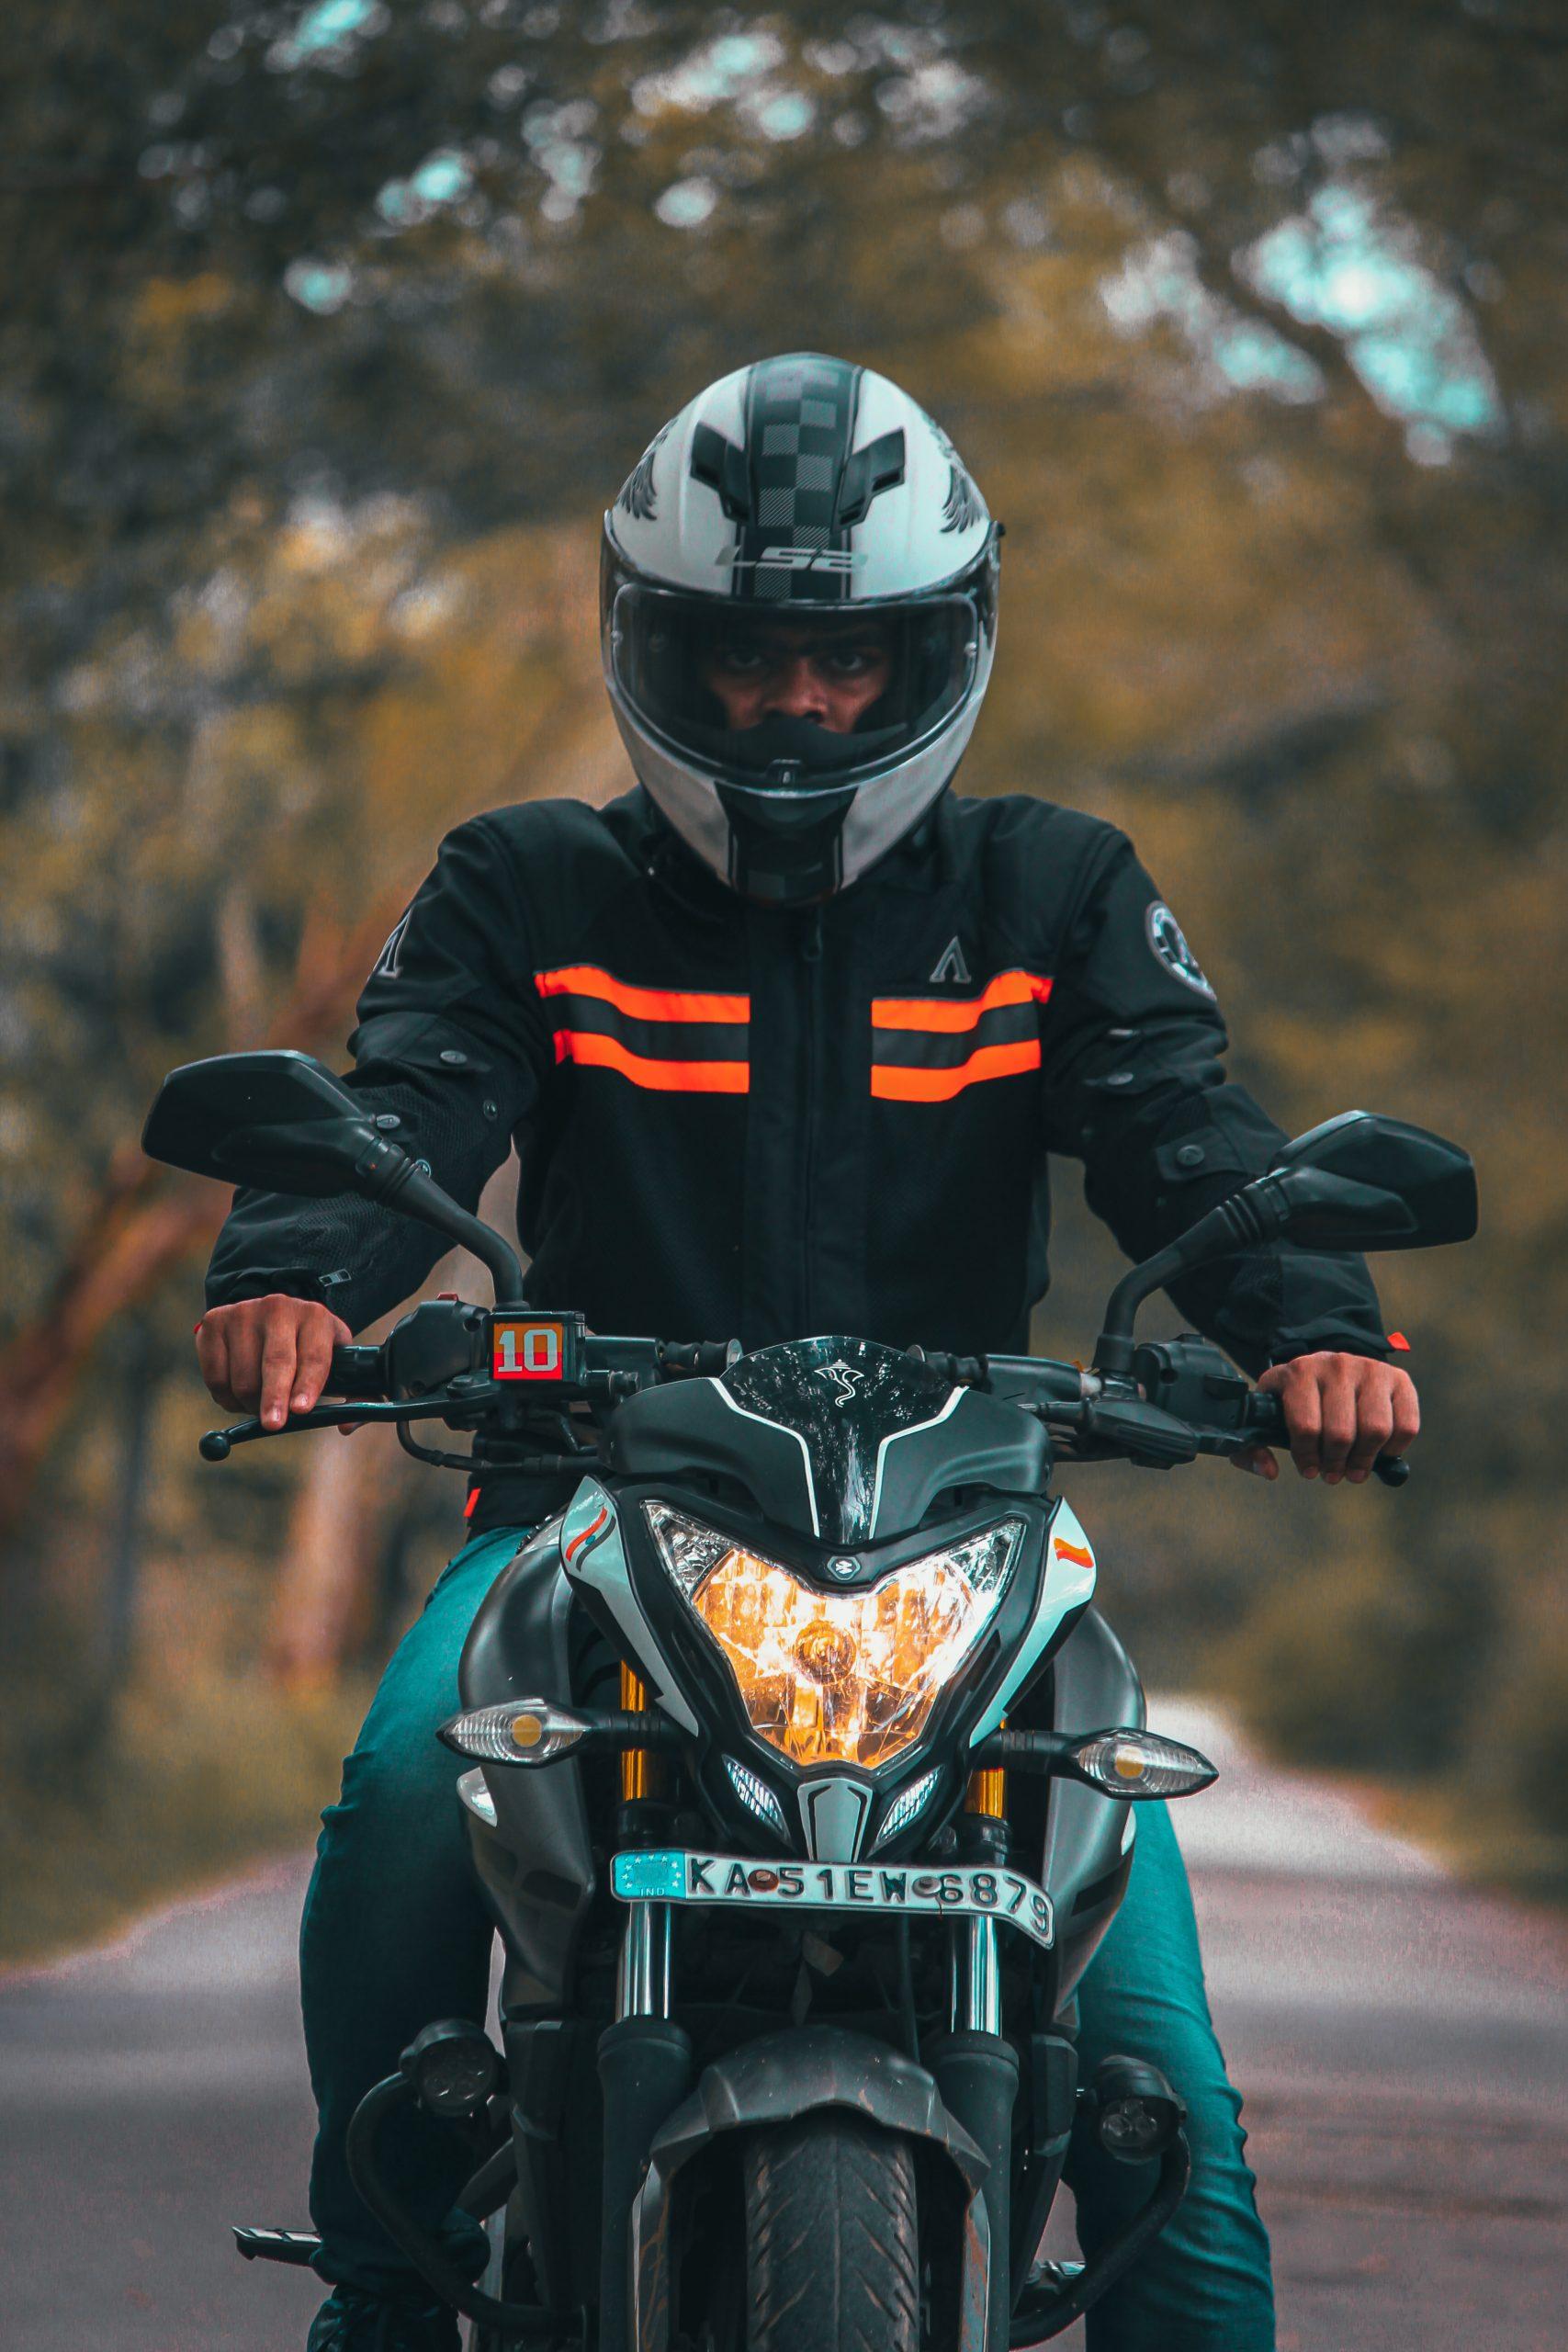 Bike Rider Portrait